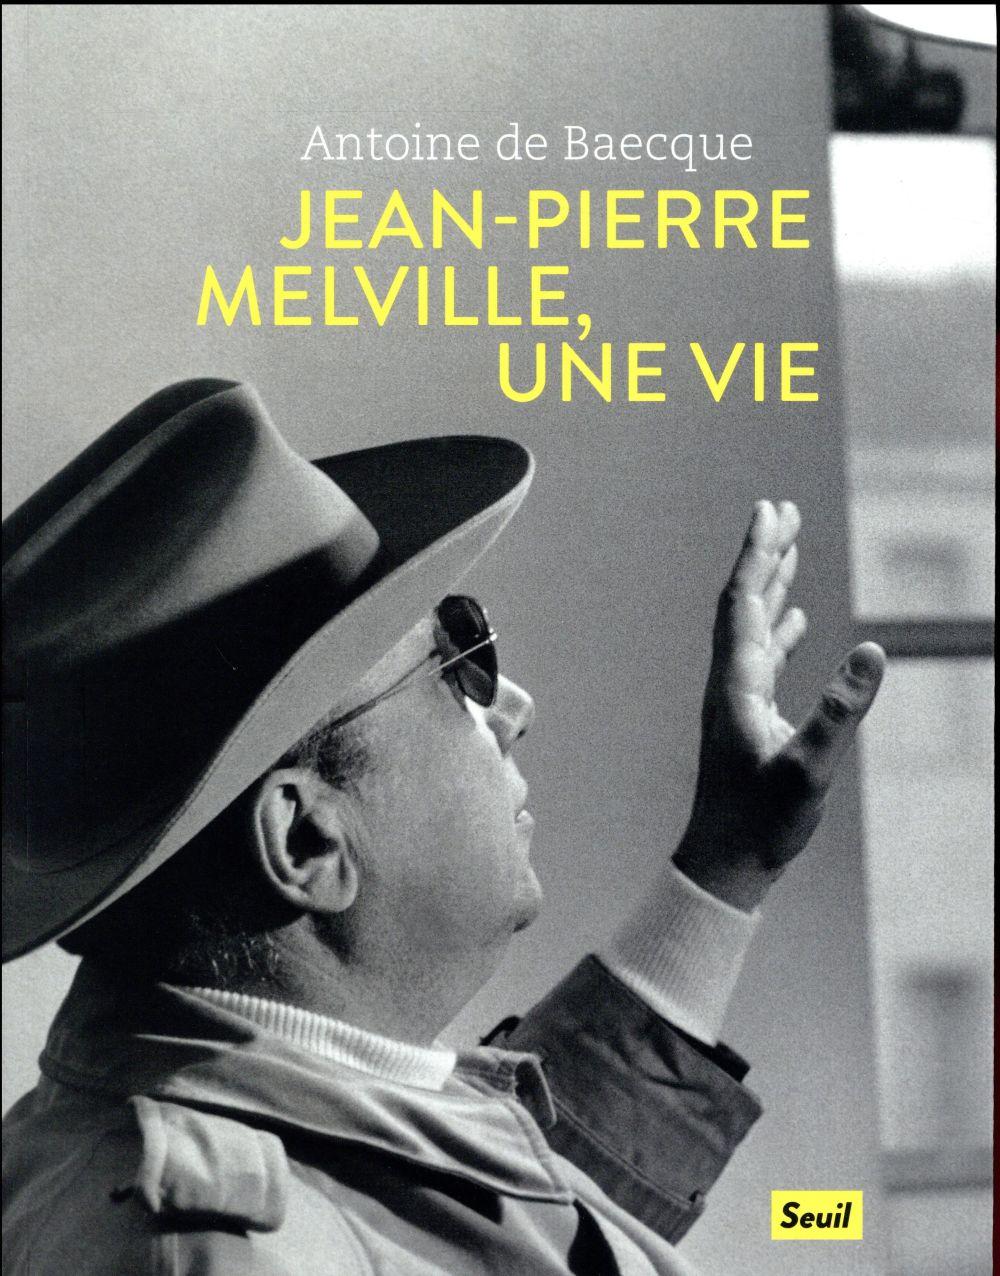 Jean-Pierre Melville, une vie